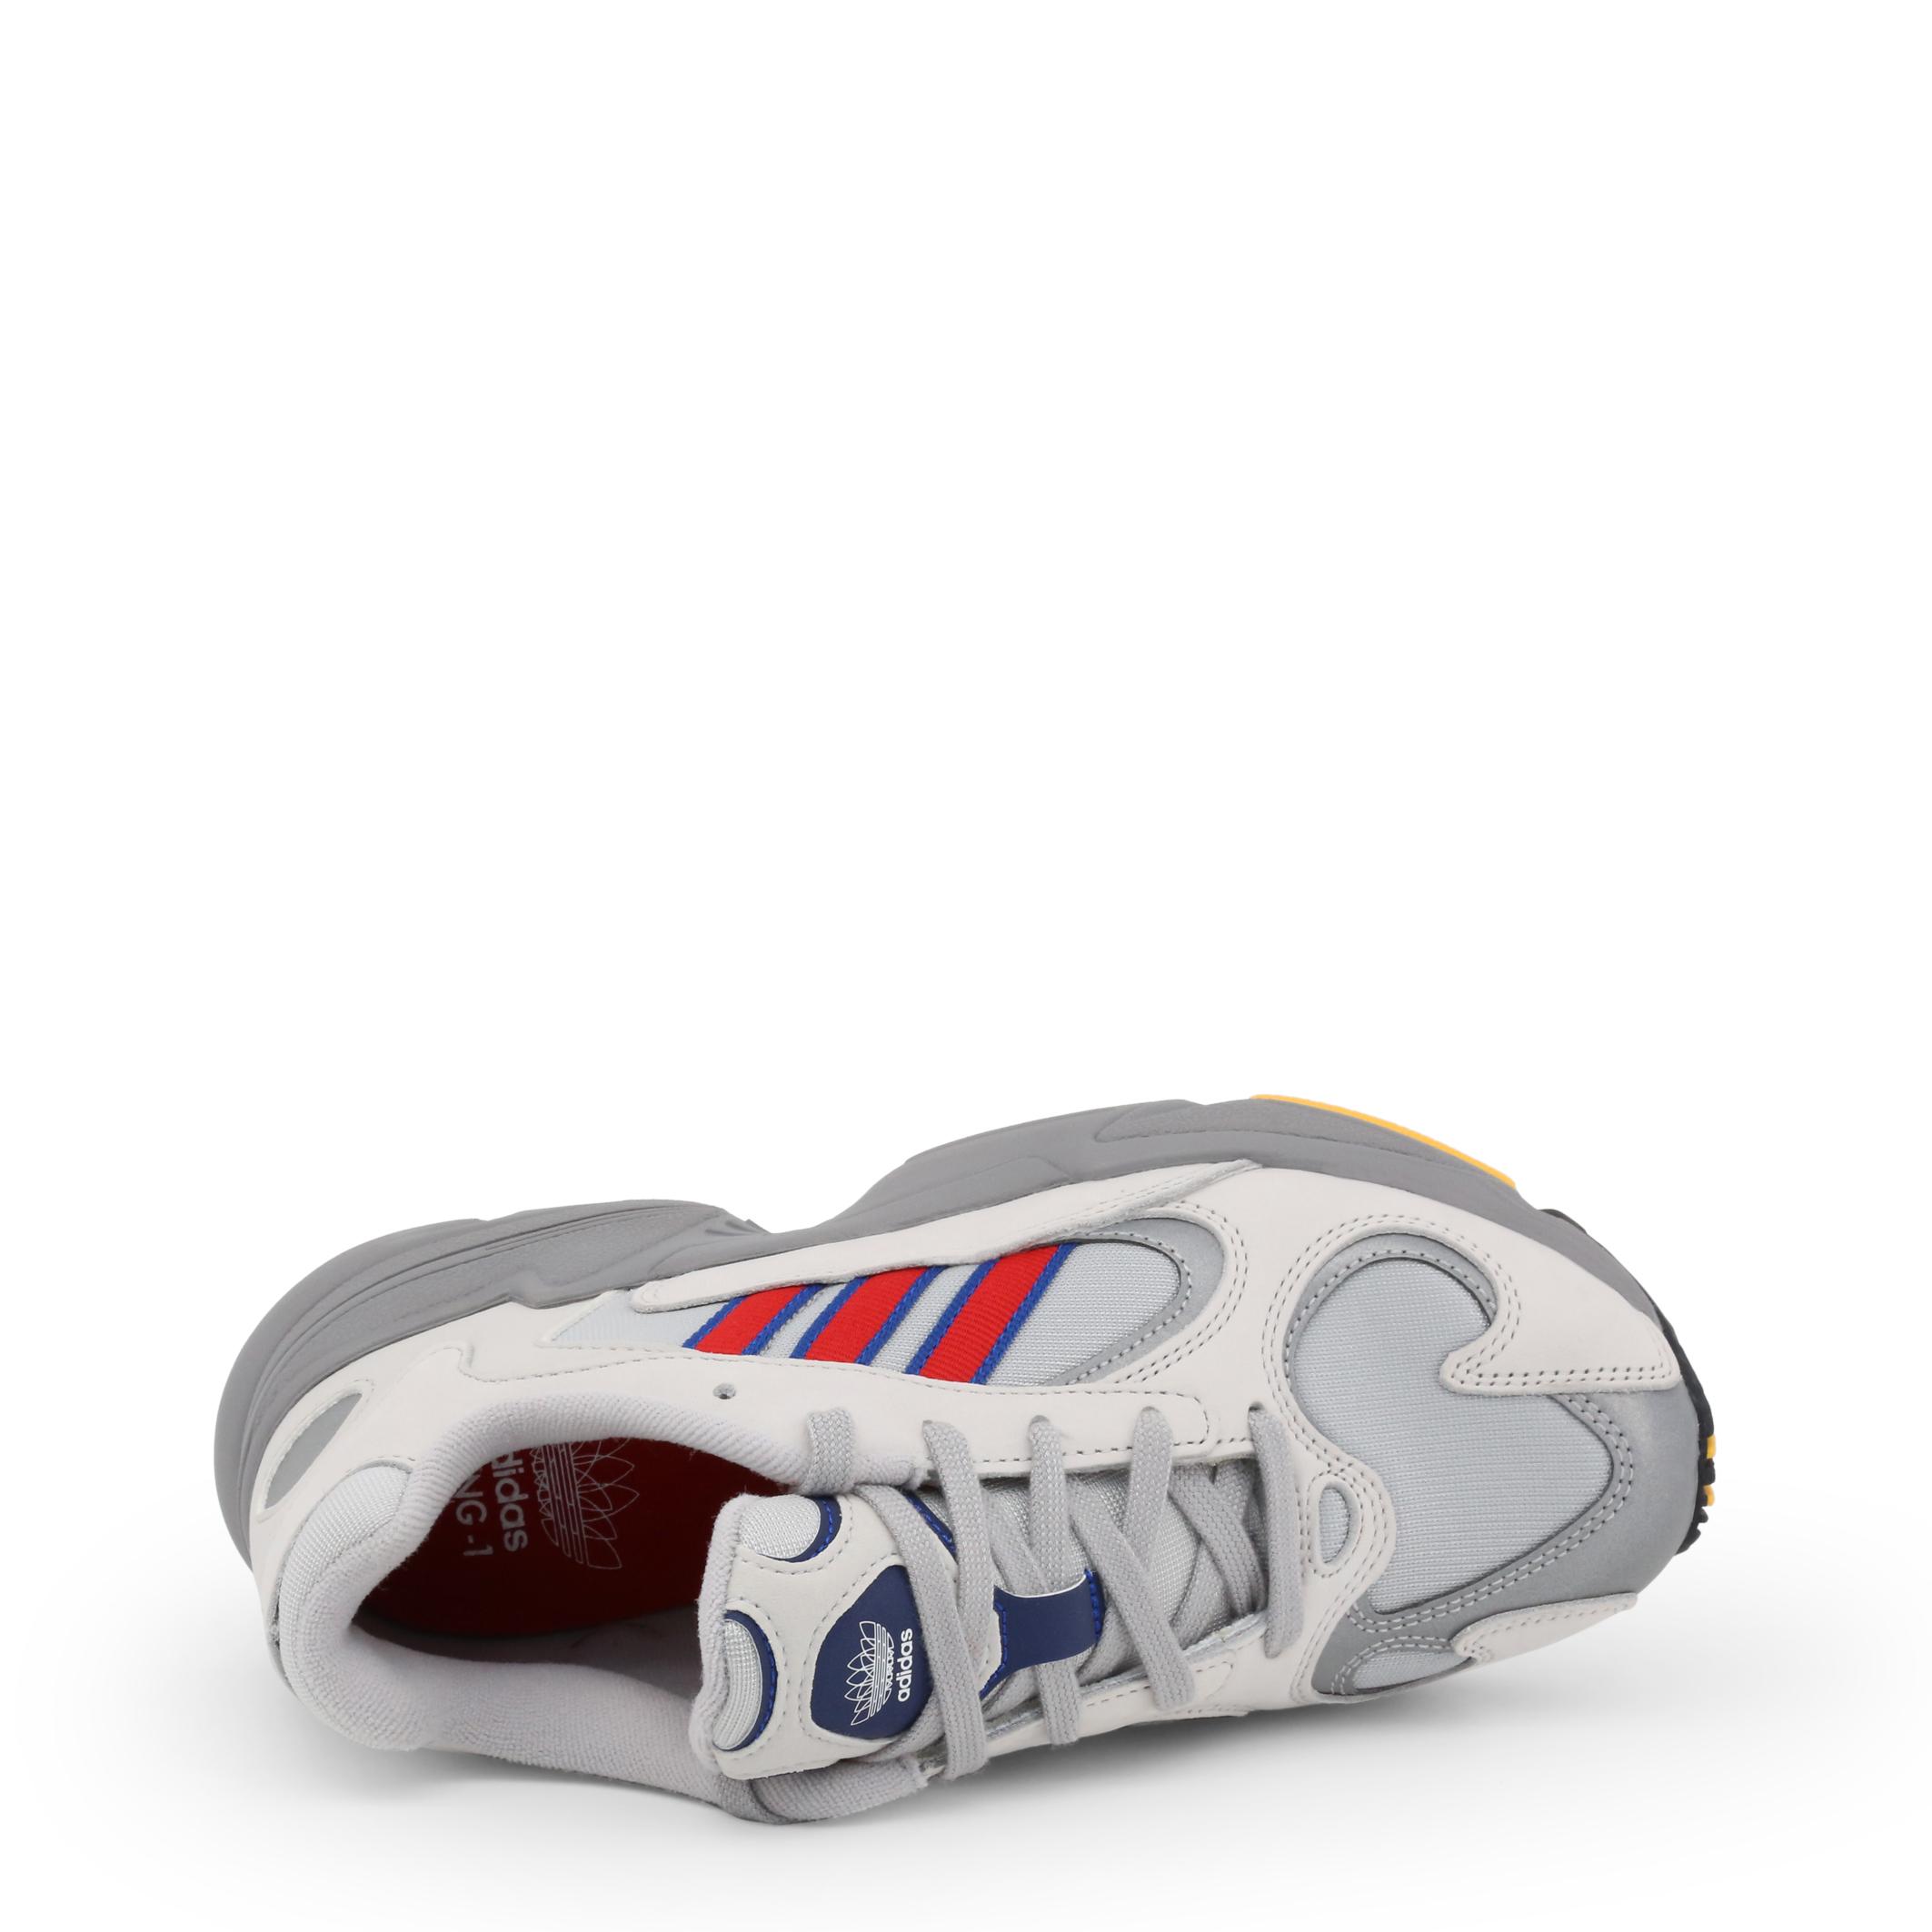 Baskets / Sport  Adidas YUNG-1 grey